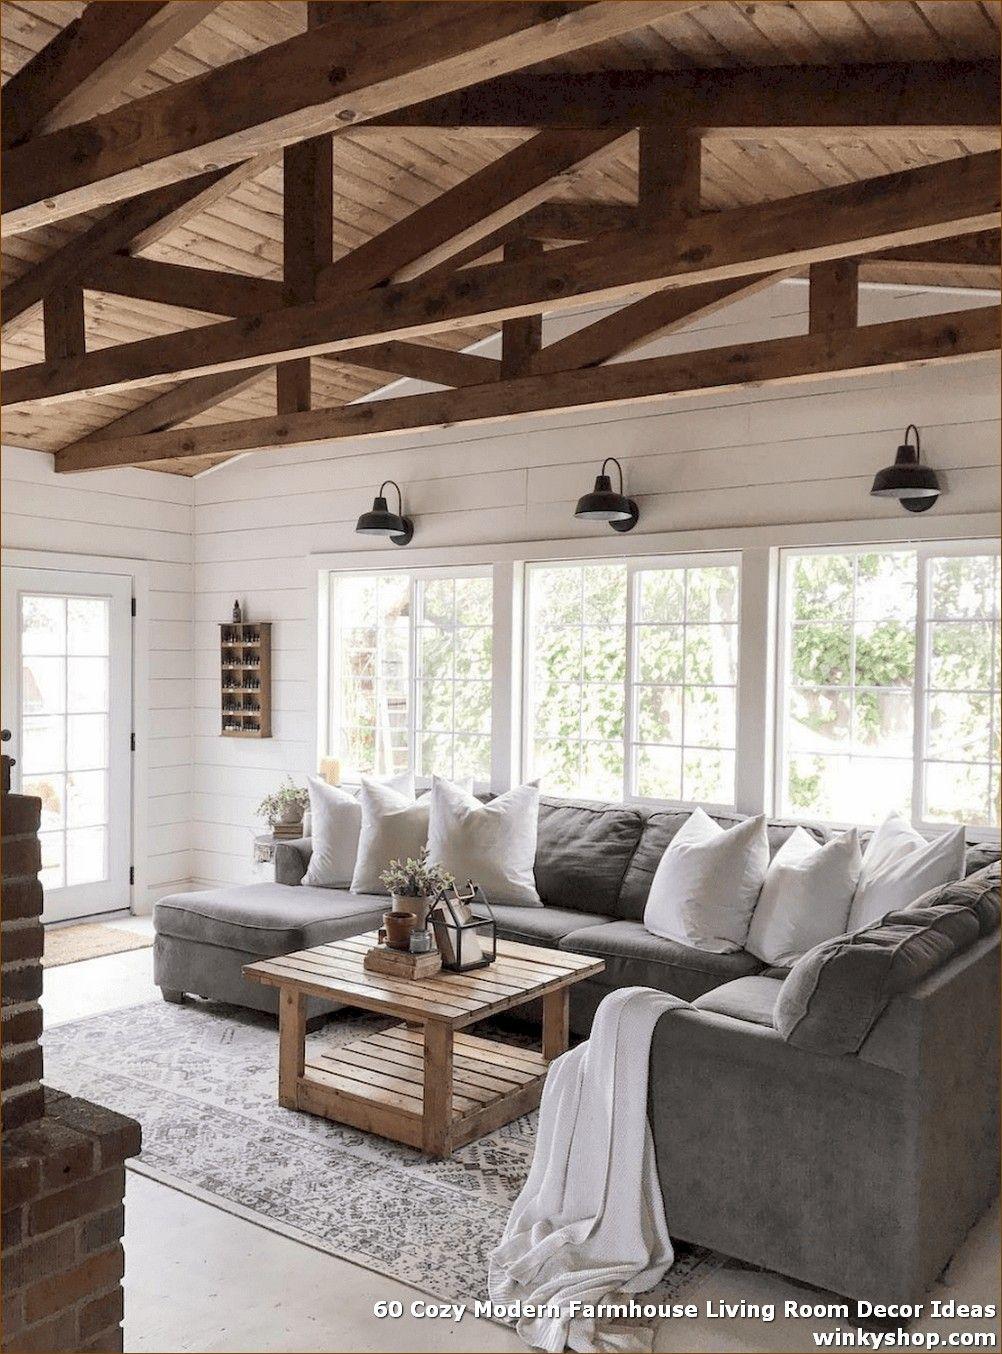 60 Cozy Modern Farmhouse Living Room Decor Ideas ✓ #modernfarmhouselivingroom